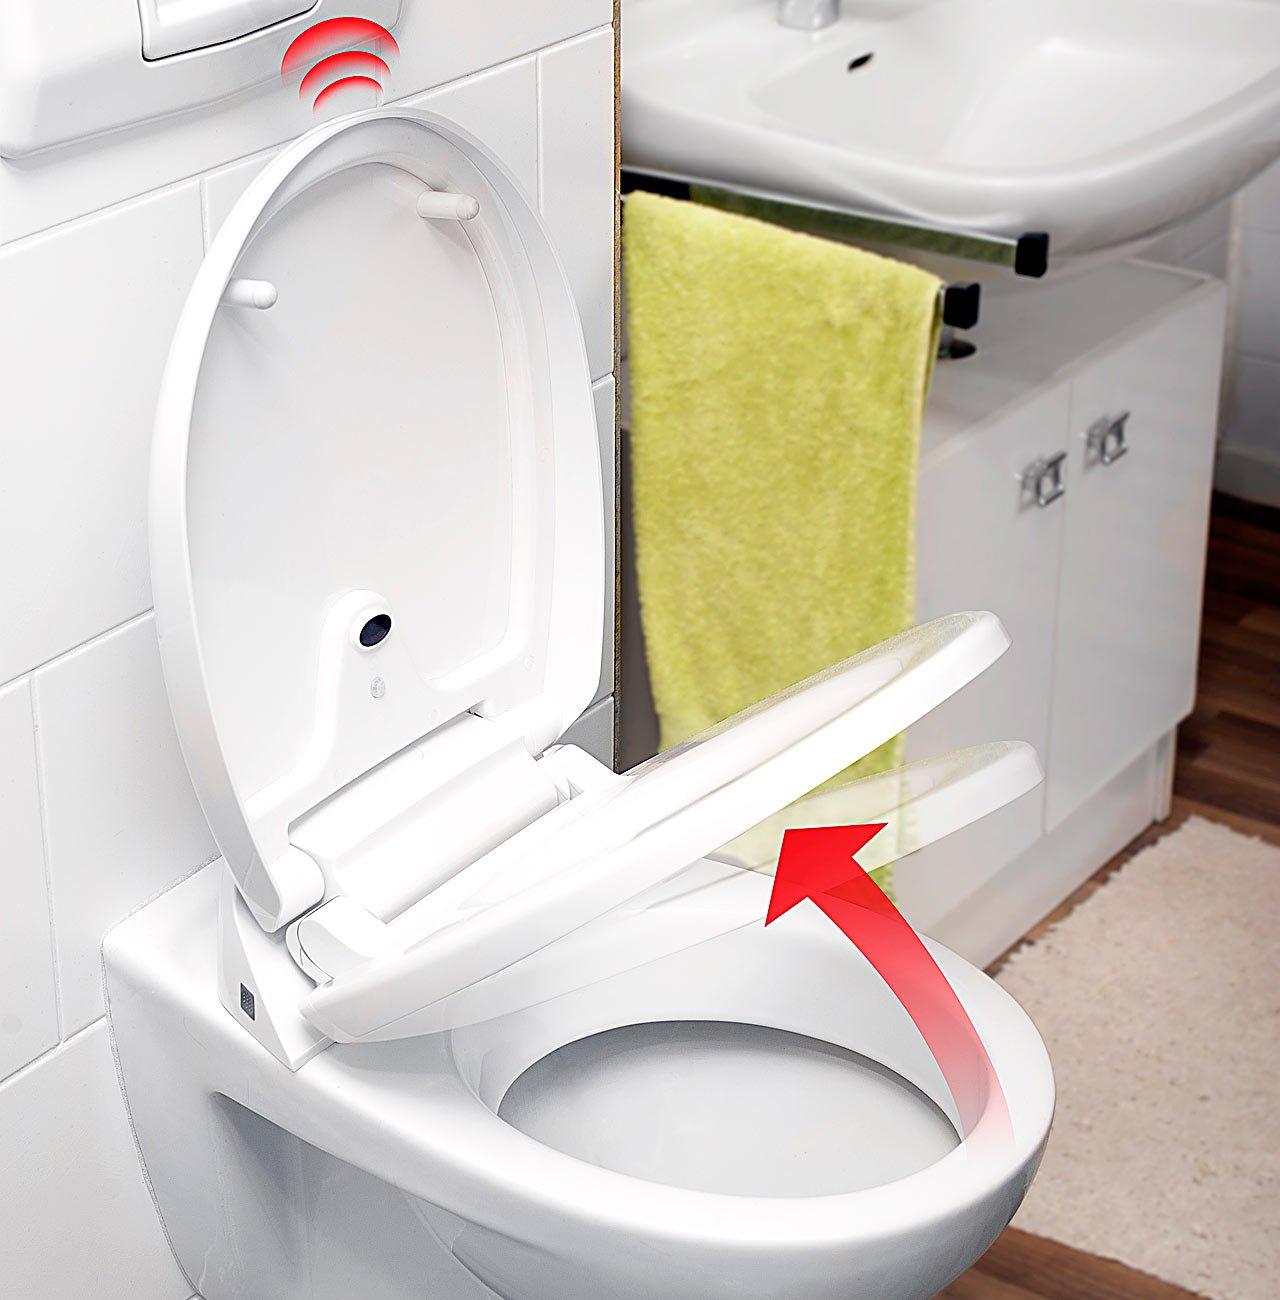 infactory - Sedile automatico per WC con sensore di movimento e ...